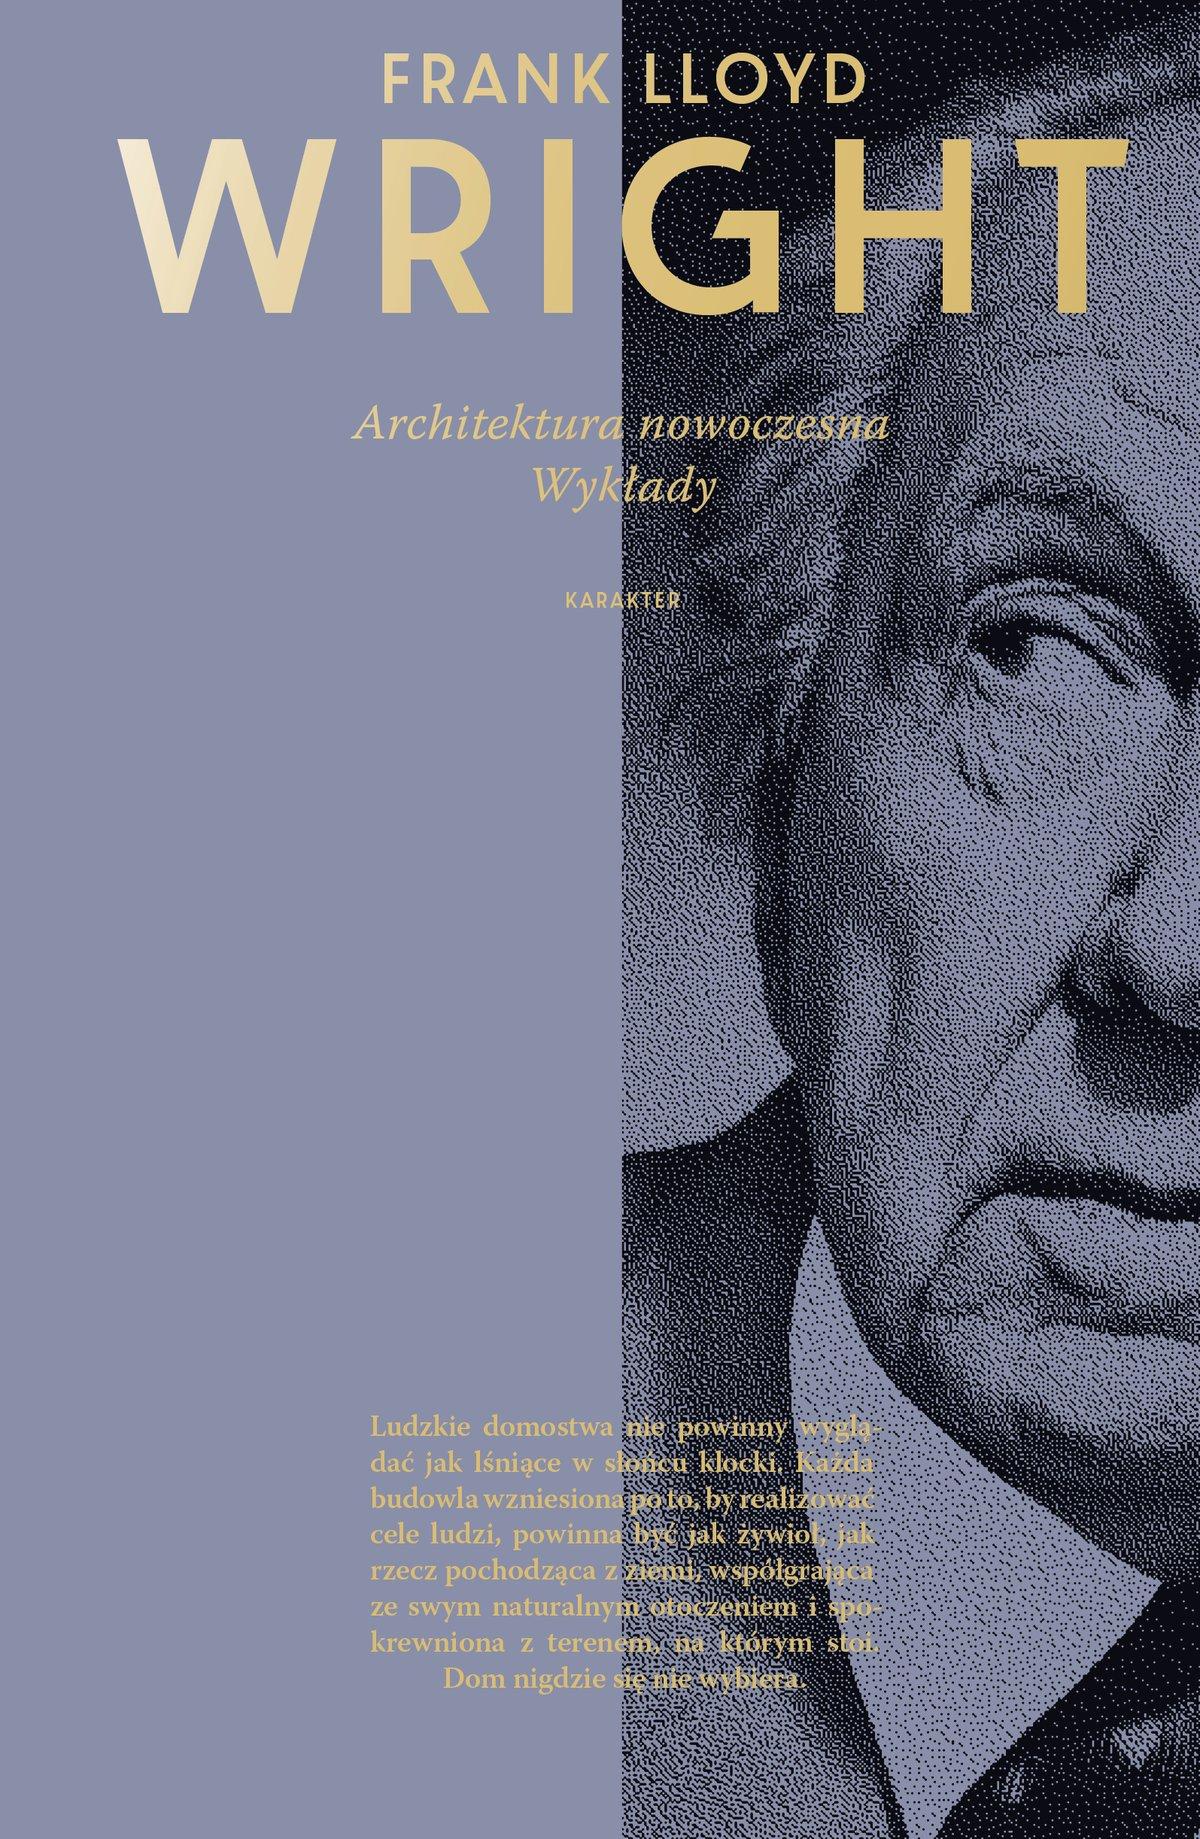 Architektura nowoczesna - Ebook (Książka na Kindle) do pobrania w formacie MOBI